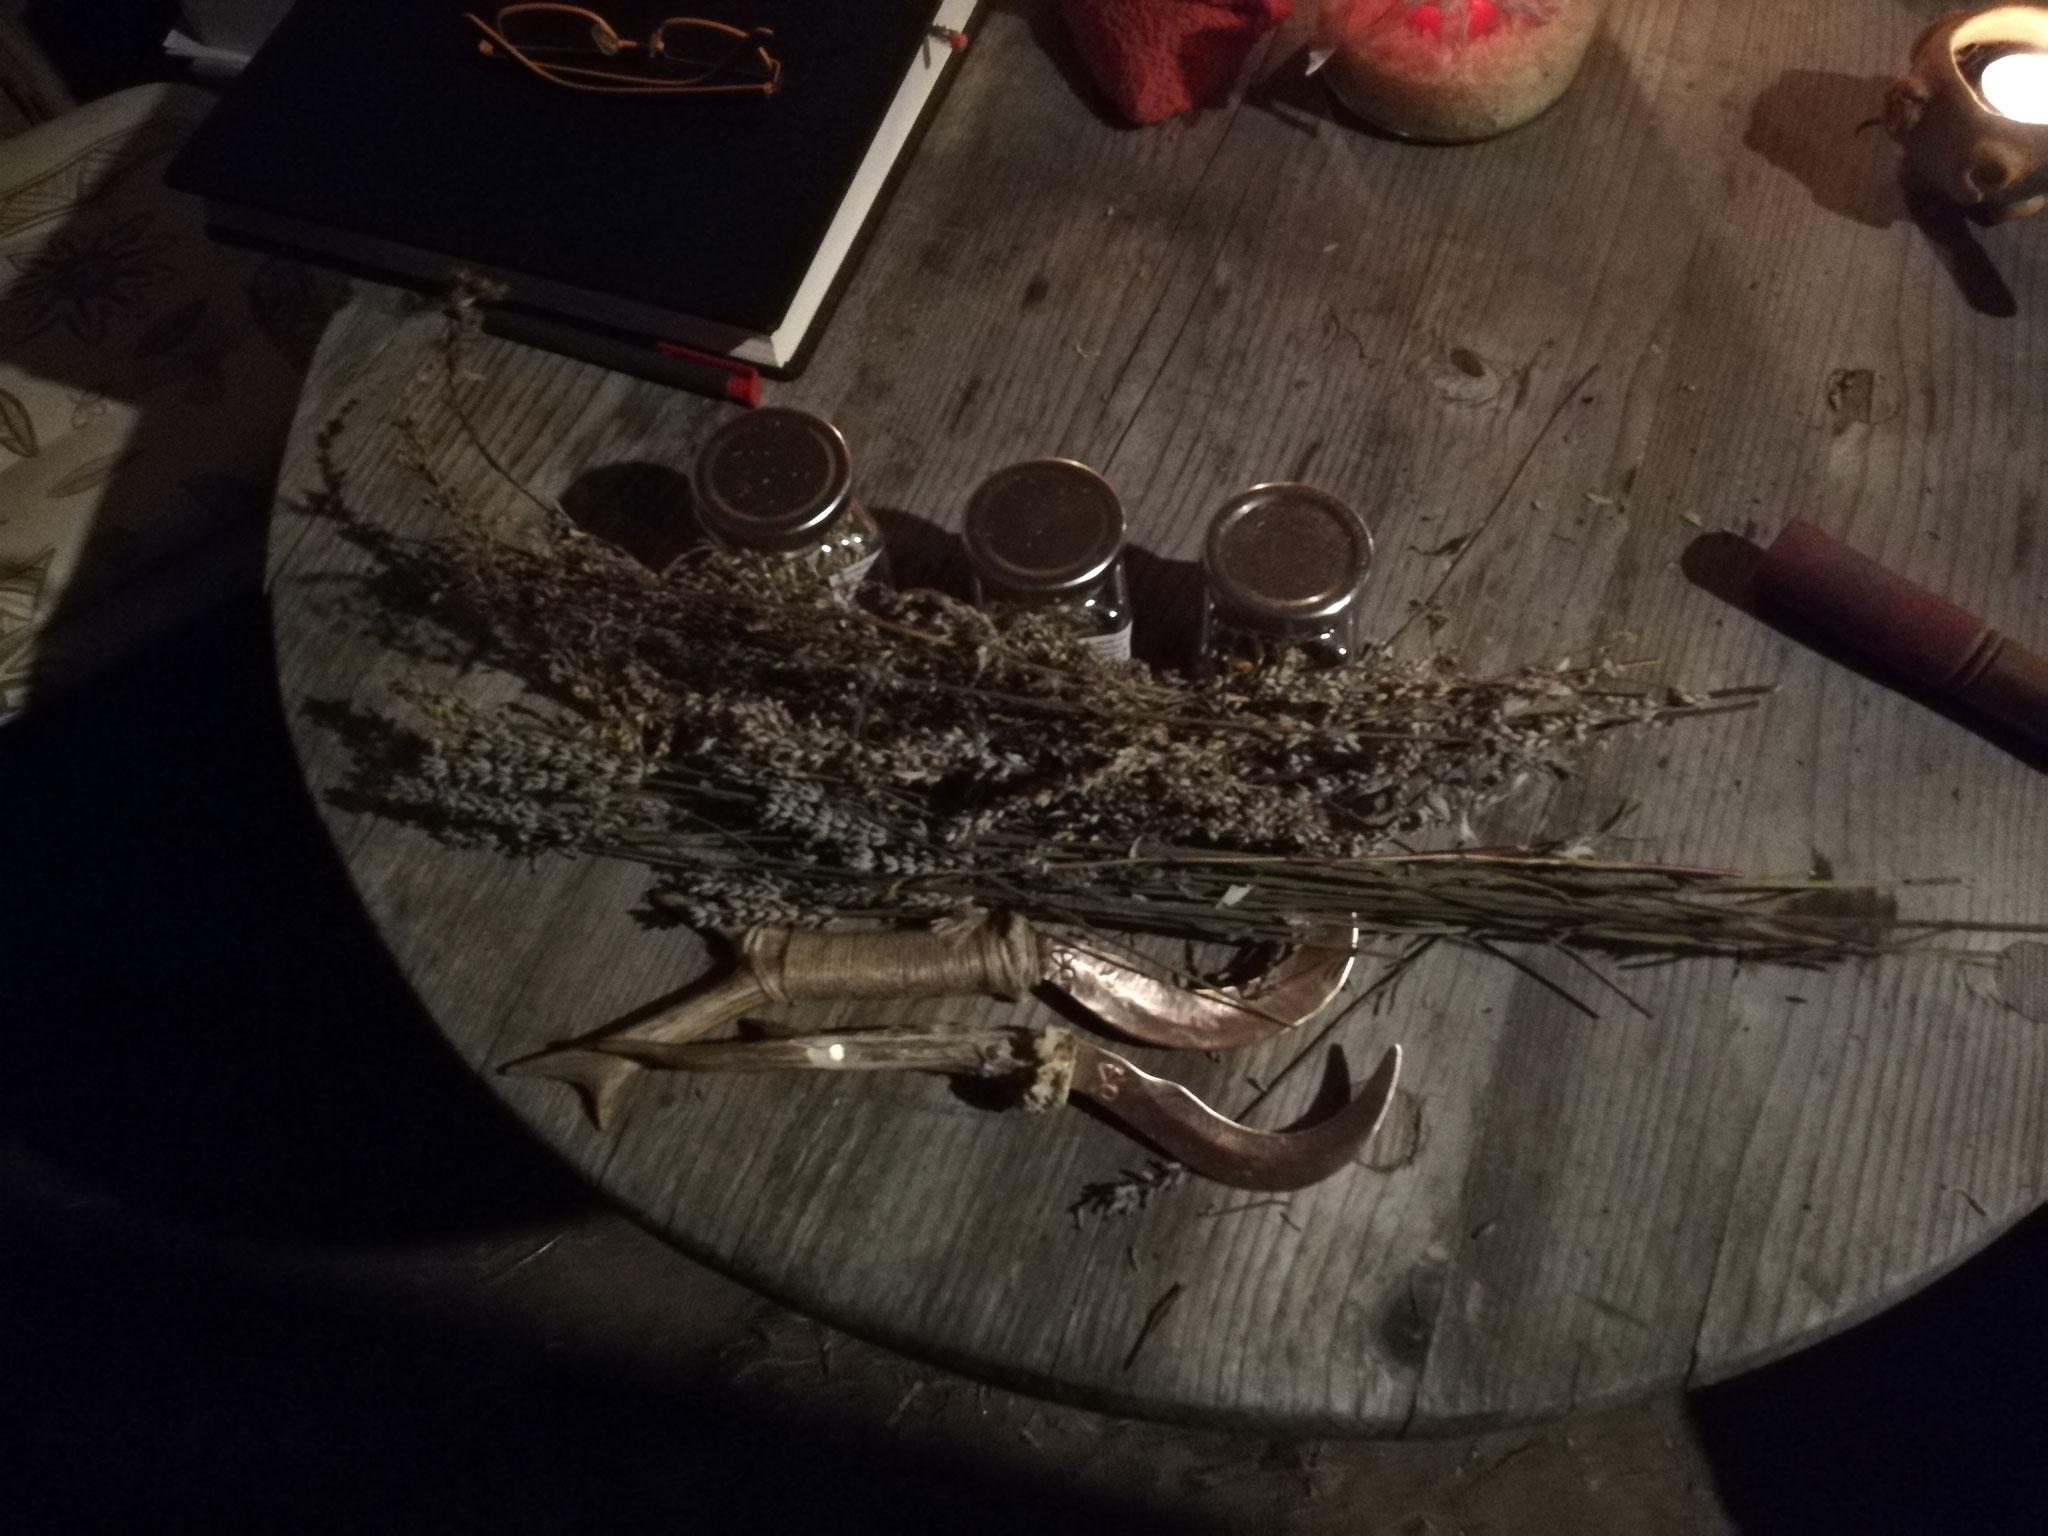 Kräutersichel aus Kupfer für Kräuterfrauen - Griff nach Wunsch (Horn, Bein, Holz)